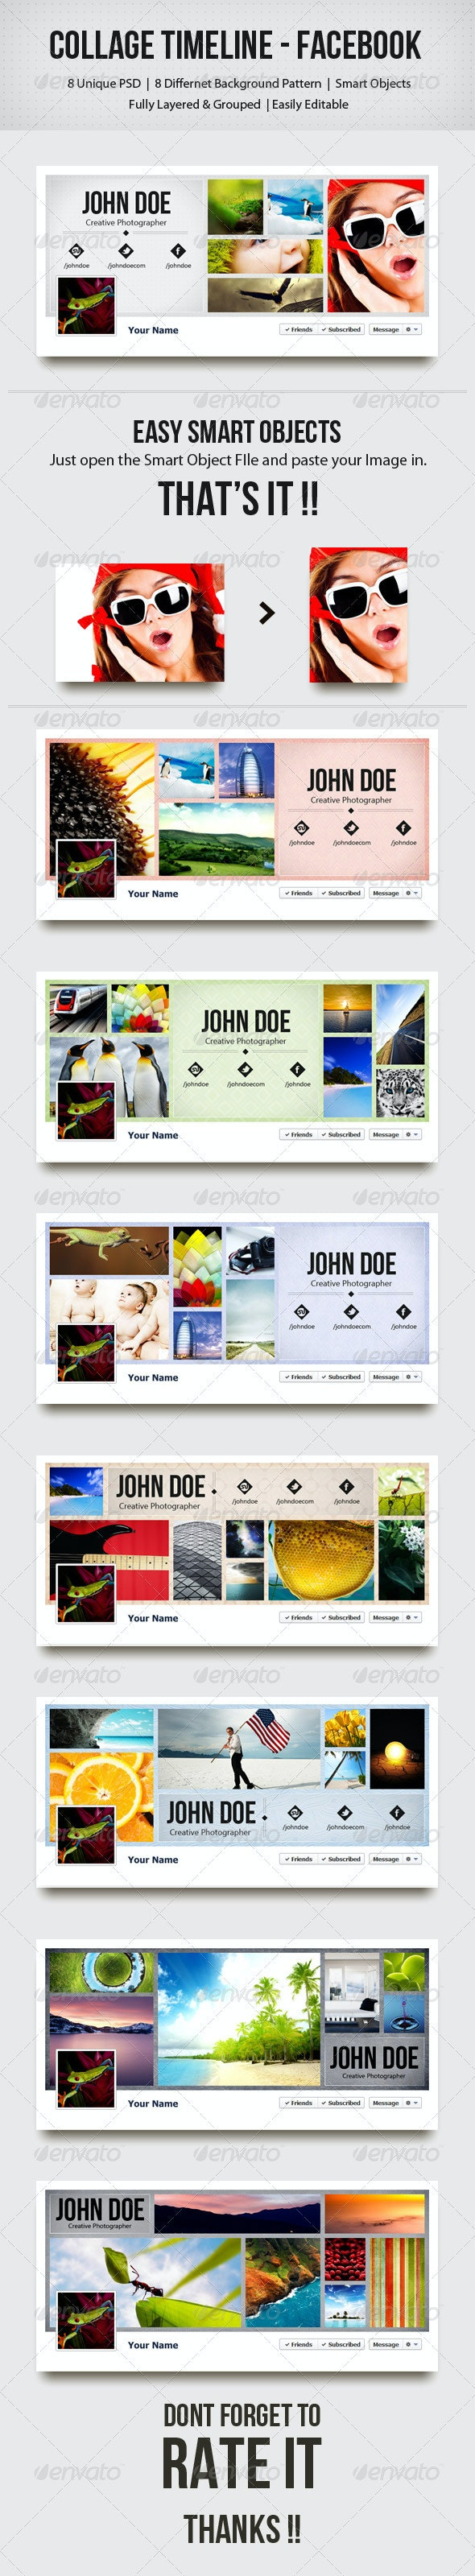 Collage Timeline - Facebook  - Facebook Timeline Covers Social Media